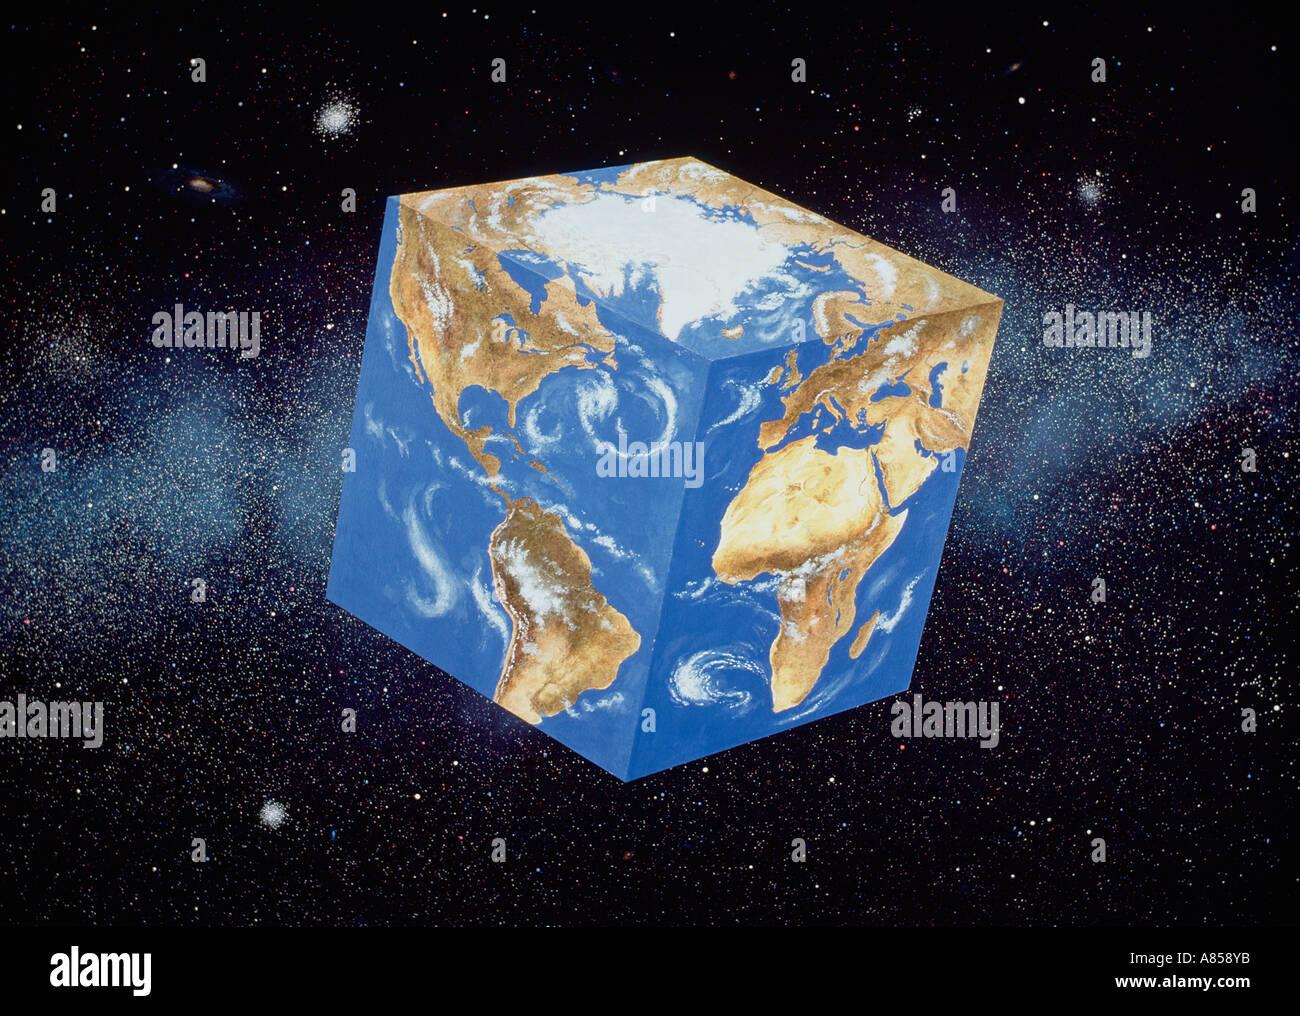 Neugierig Konzept Bild des kubischen Planet Erde aus dem Weltraum Stockbild